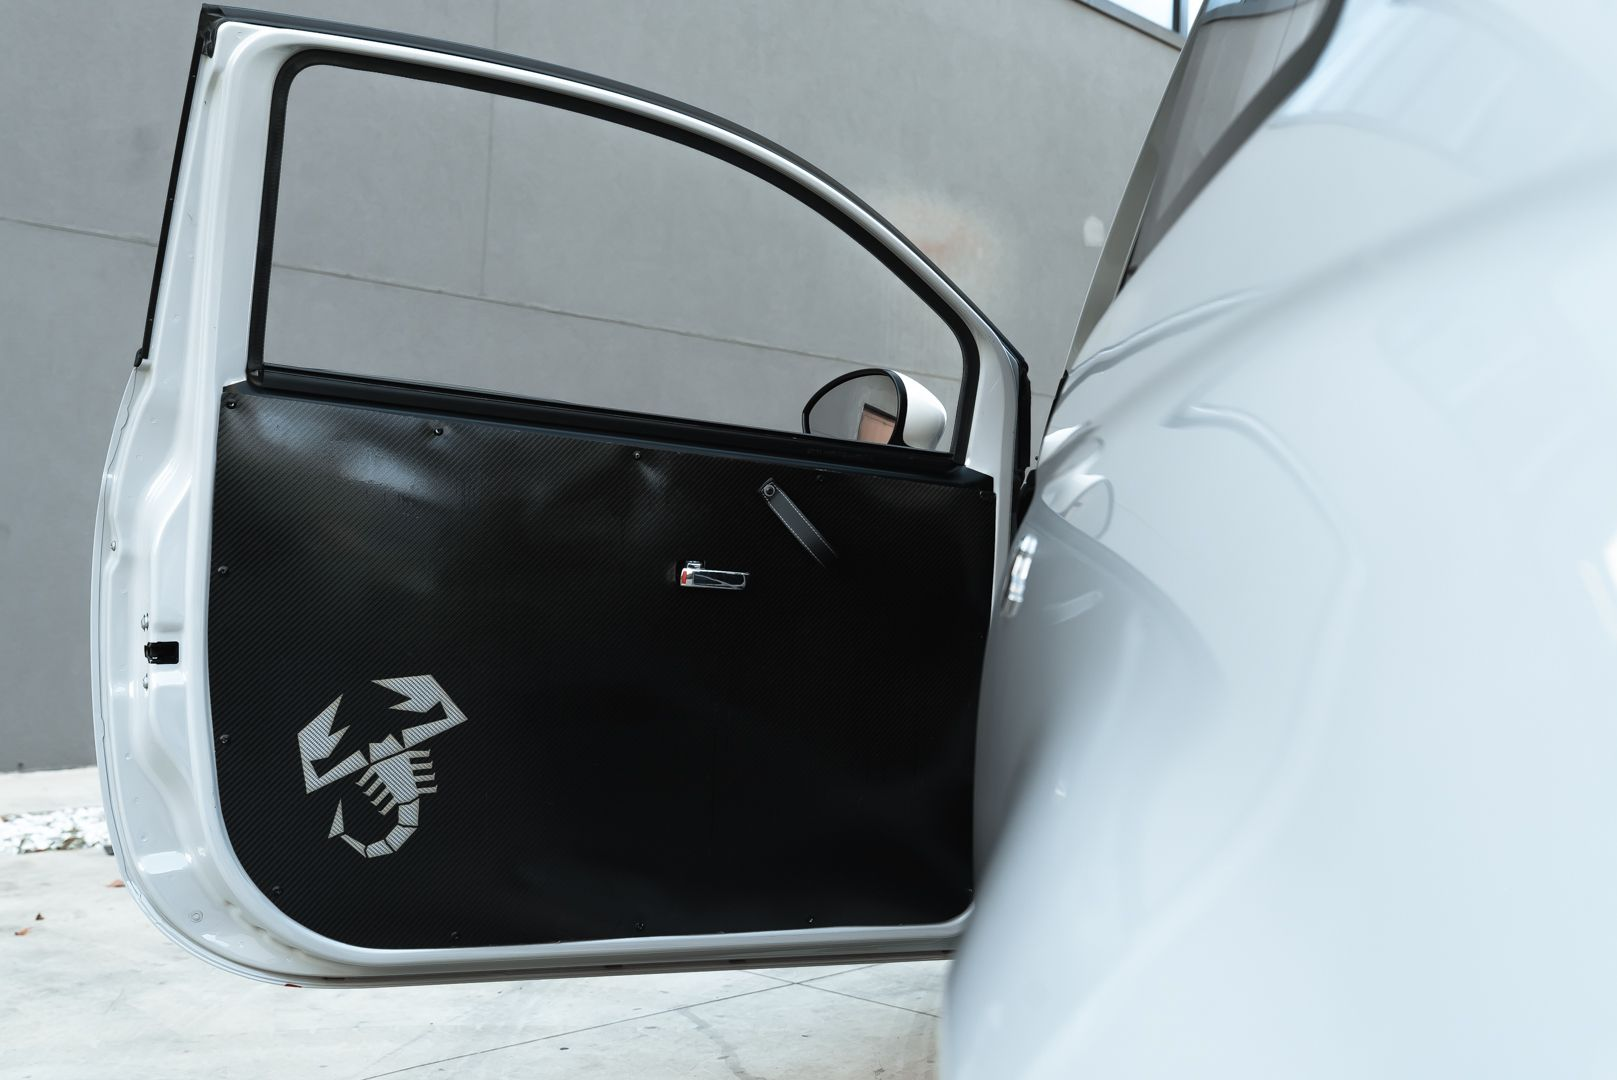 2008 Fiat 500 Abarth Assetto Corse 49/49 79326